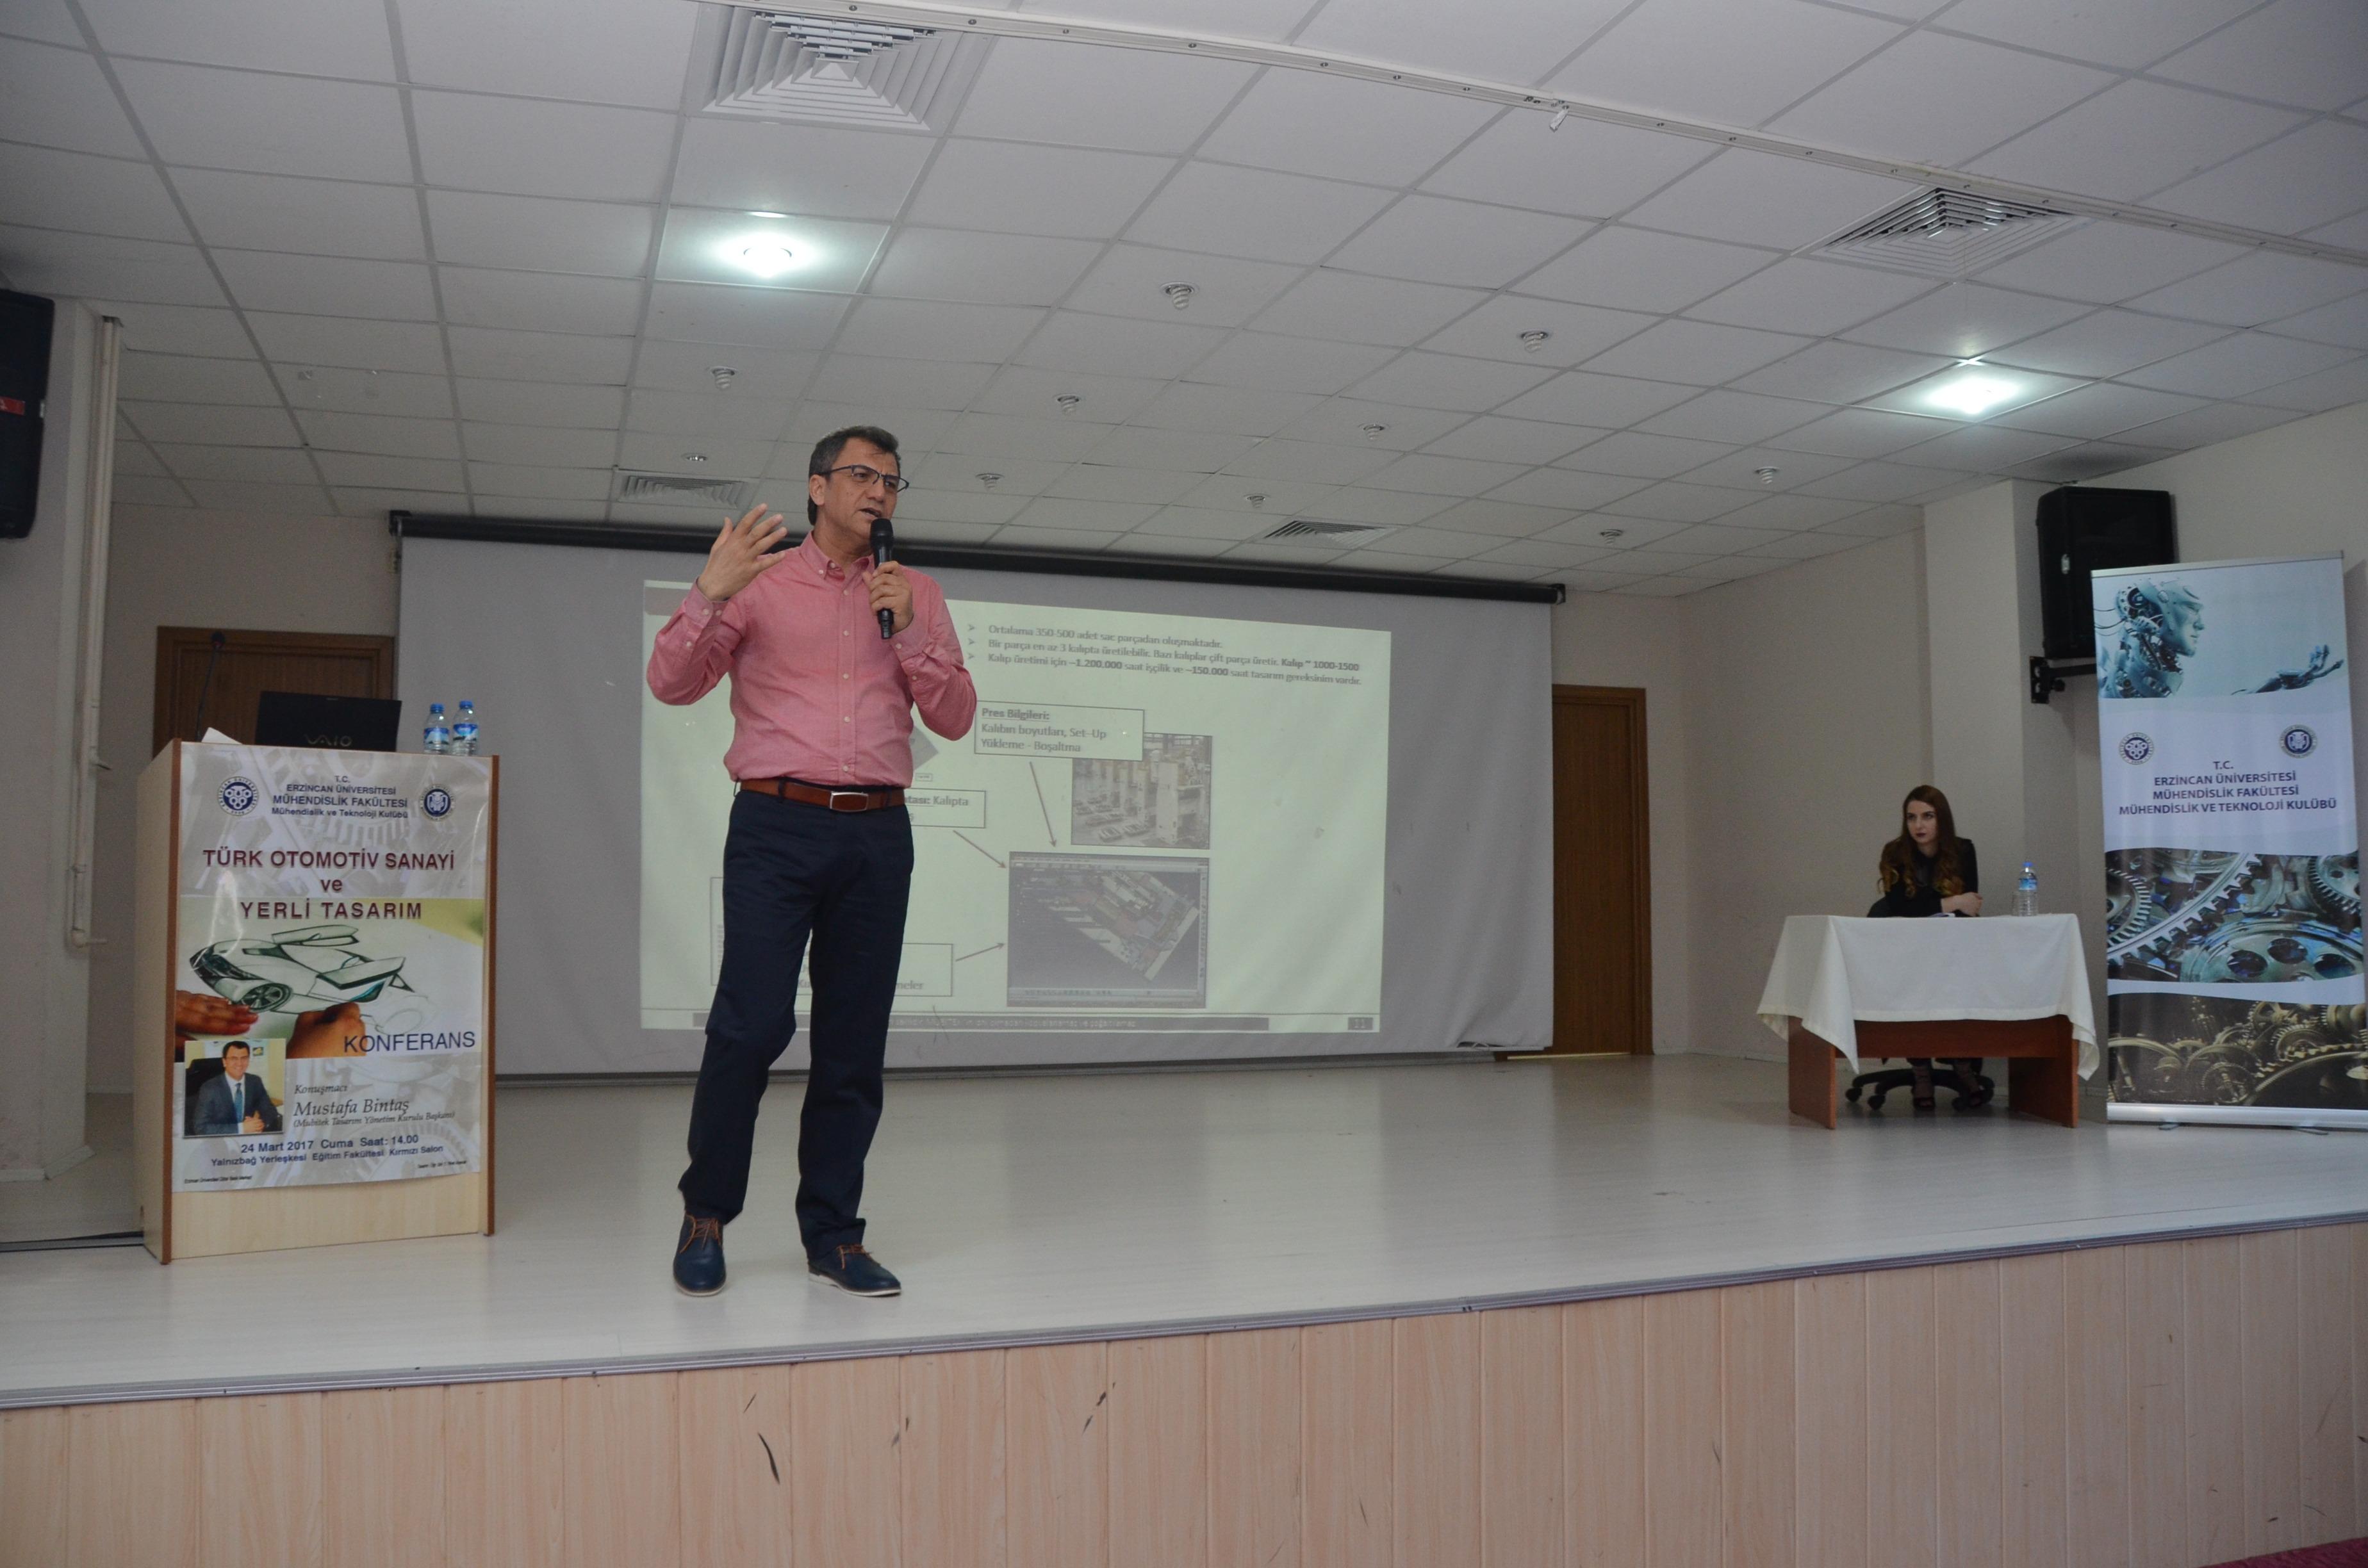 """""""Türk Otomotiv Sanayi ve Yerli Tasarım"""" Konferansı"""